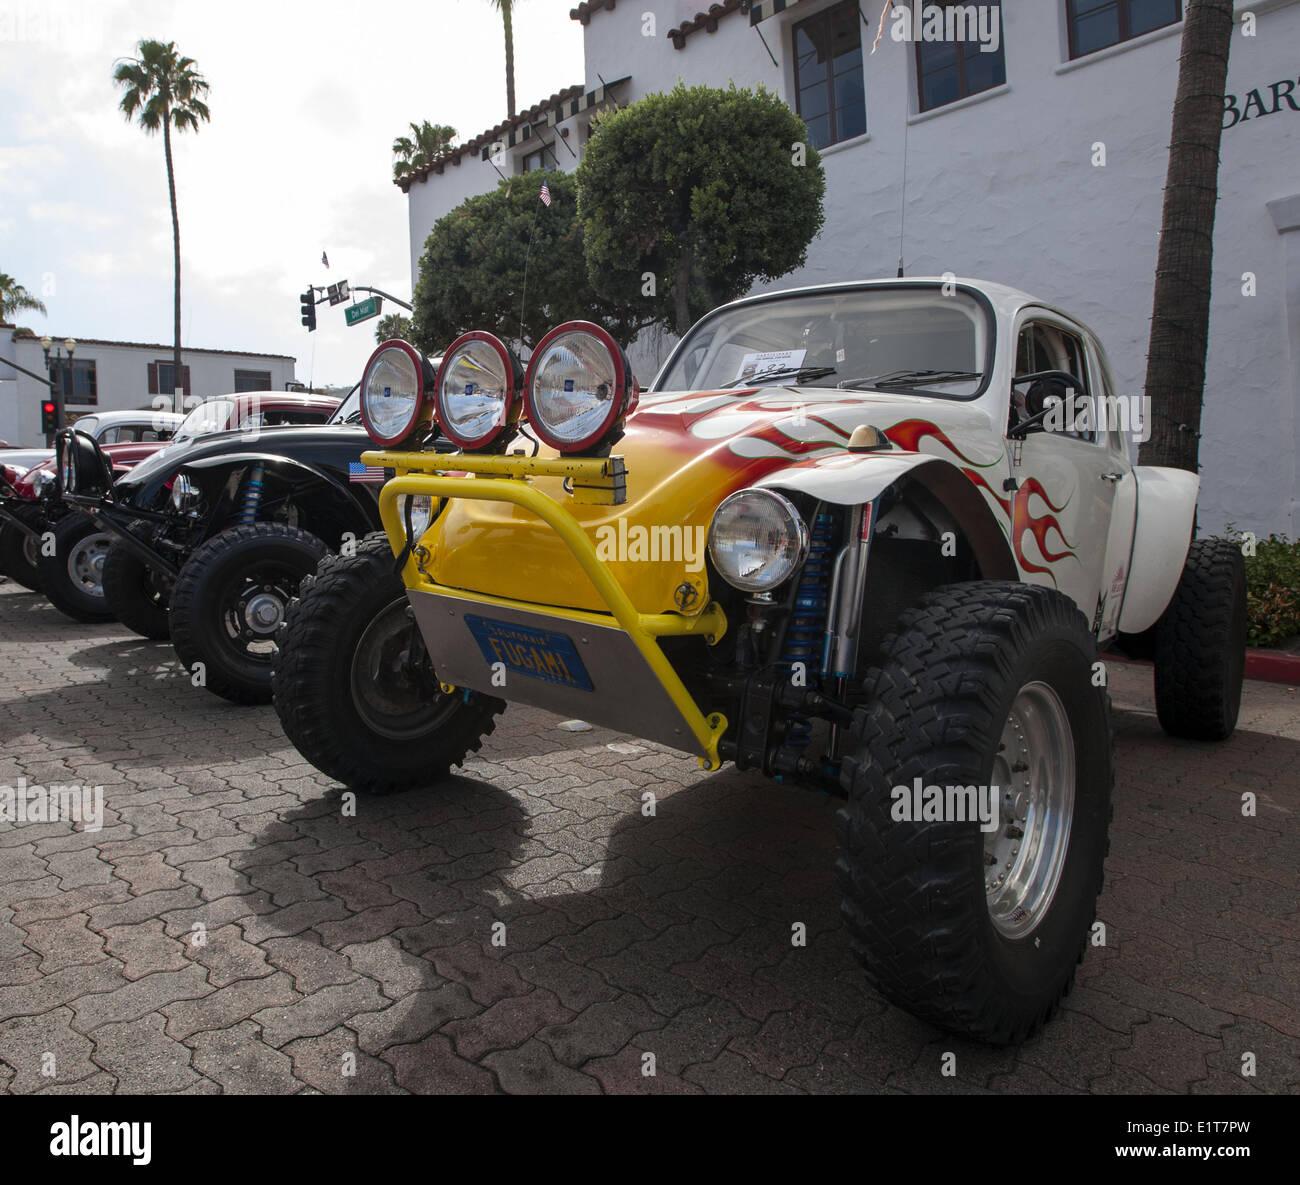 Baja Bug Vw Beetle Stock Photos & Baja Bug Vw Beetle Stock